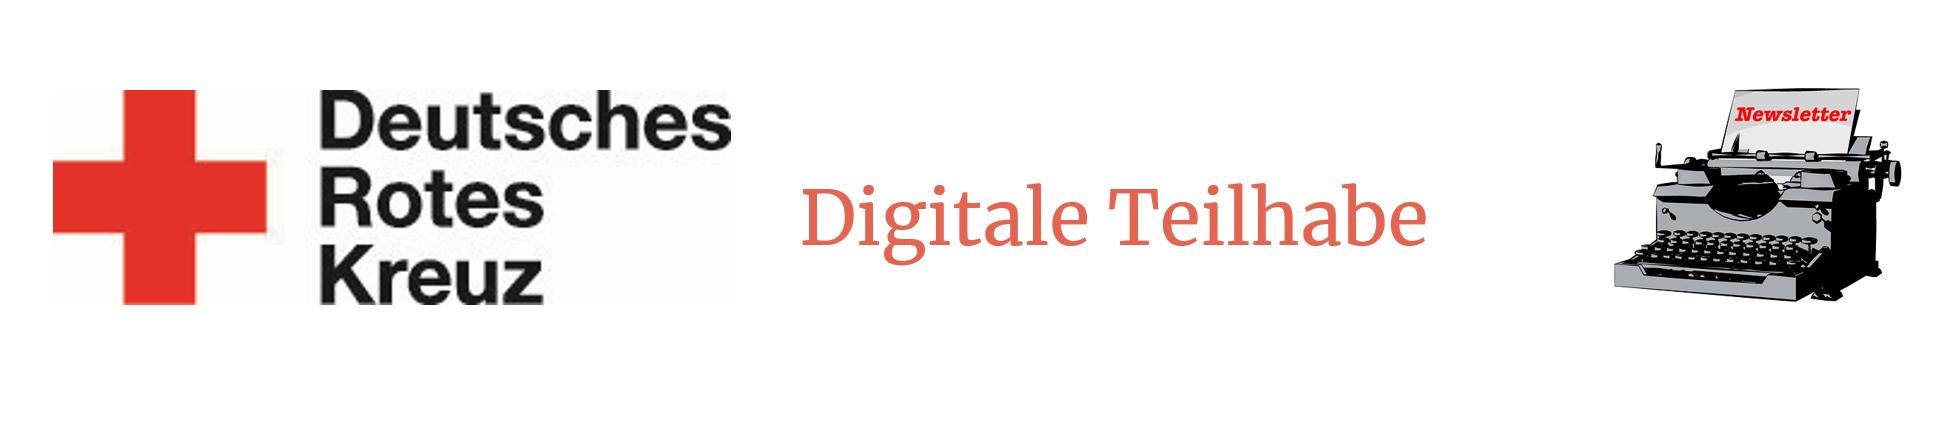 """Links das Logo des DRK, in der Mitte steht """"Digitale Teilhabe"""" und recht ist eine Schreibmaschine abgebildet."""